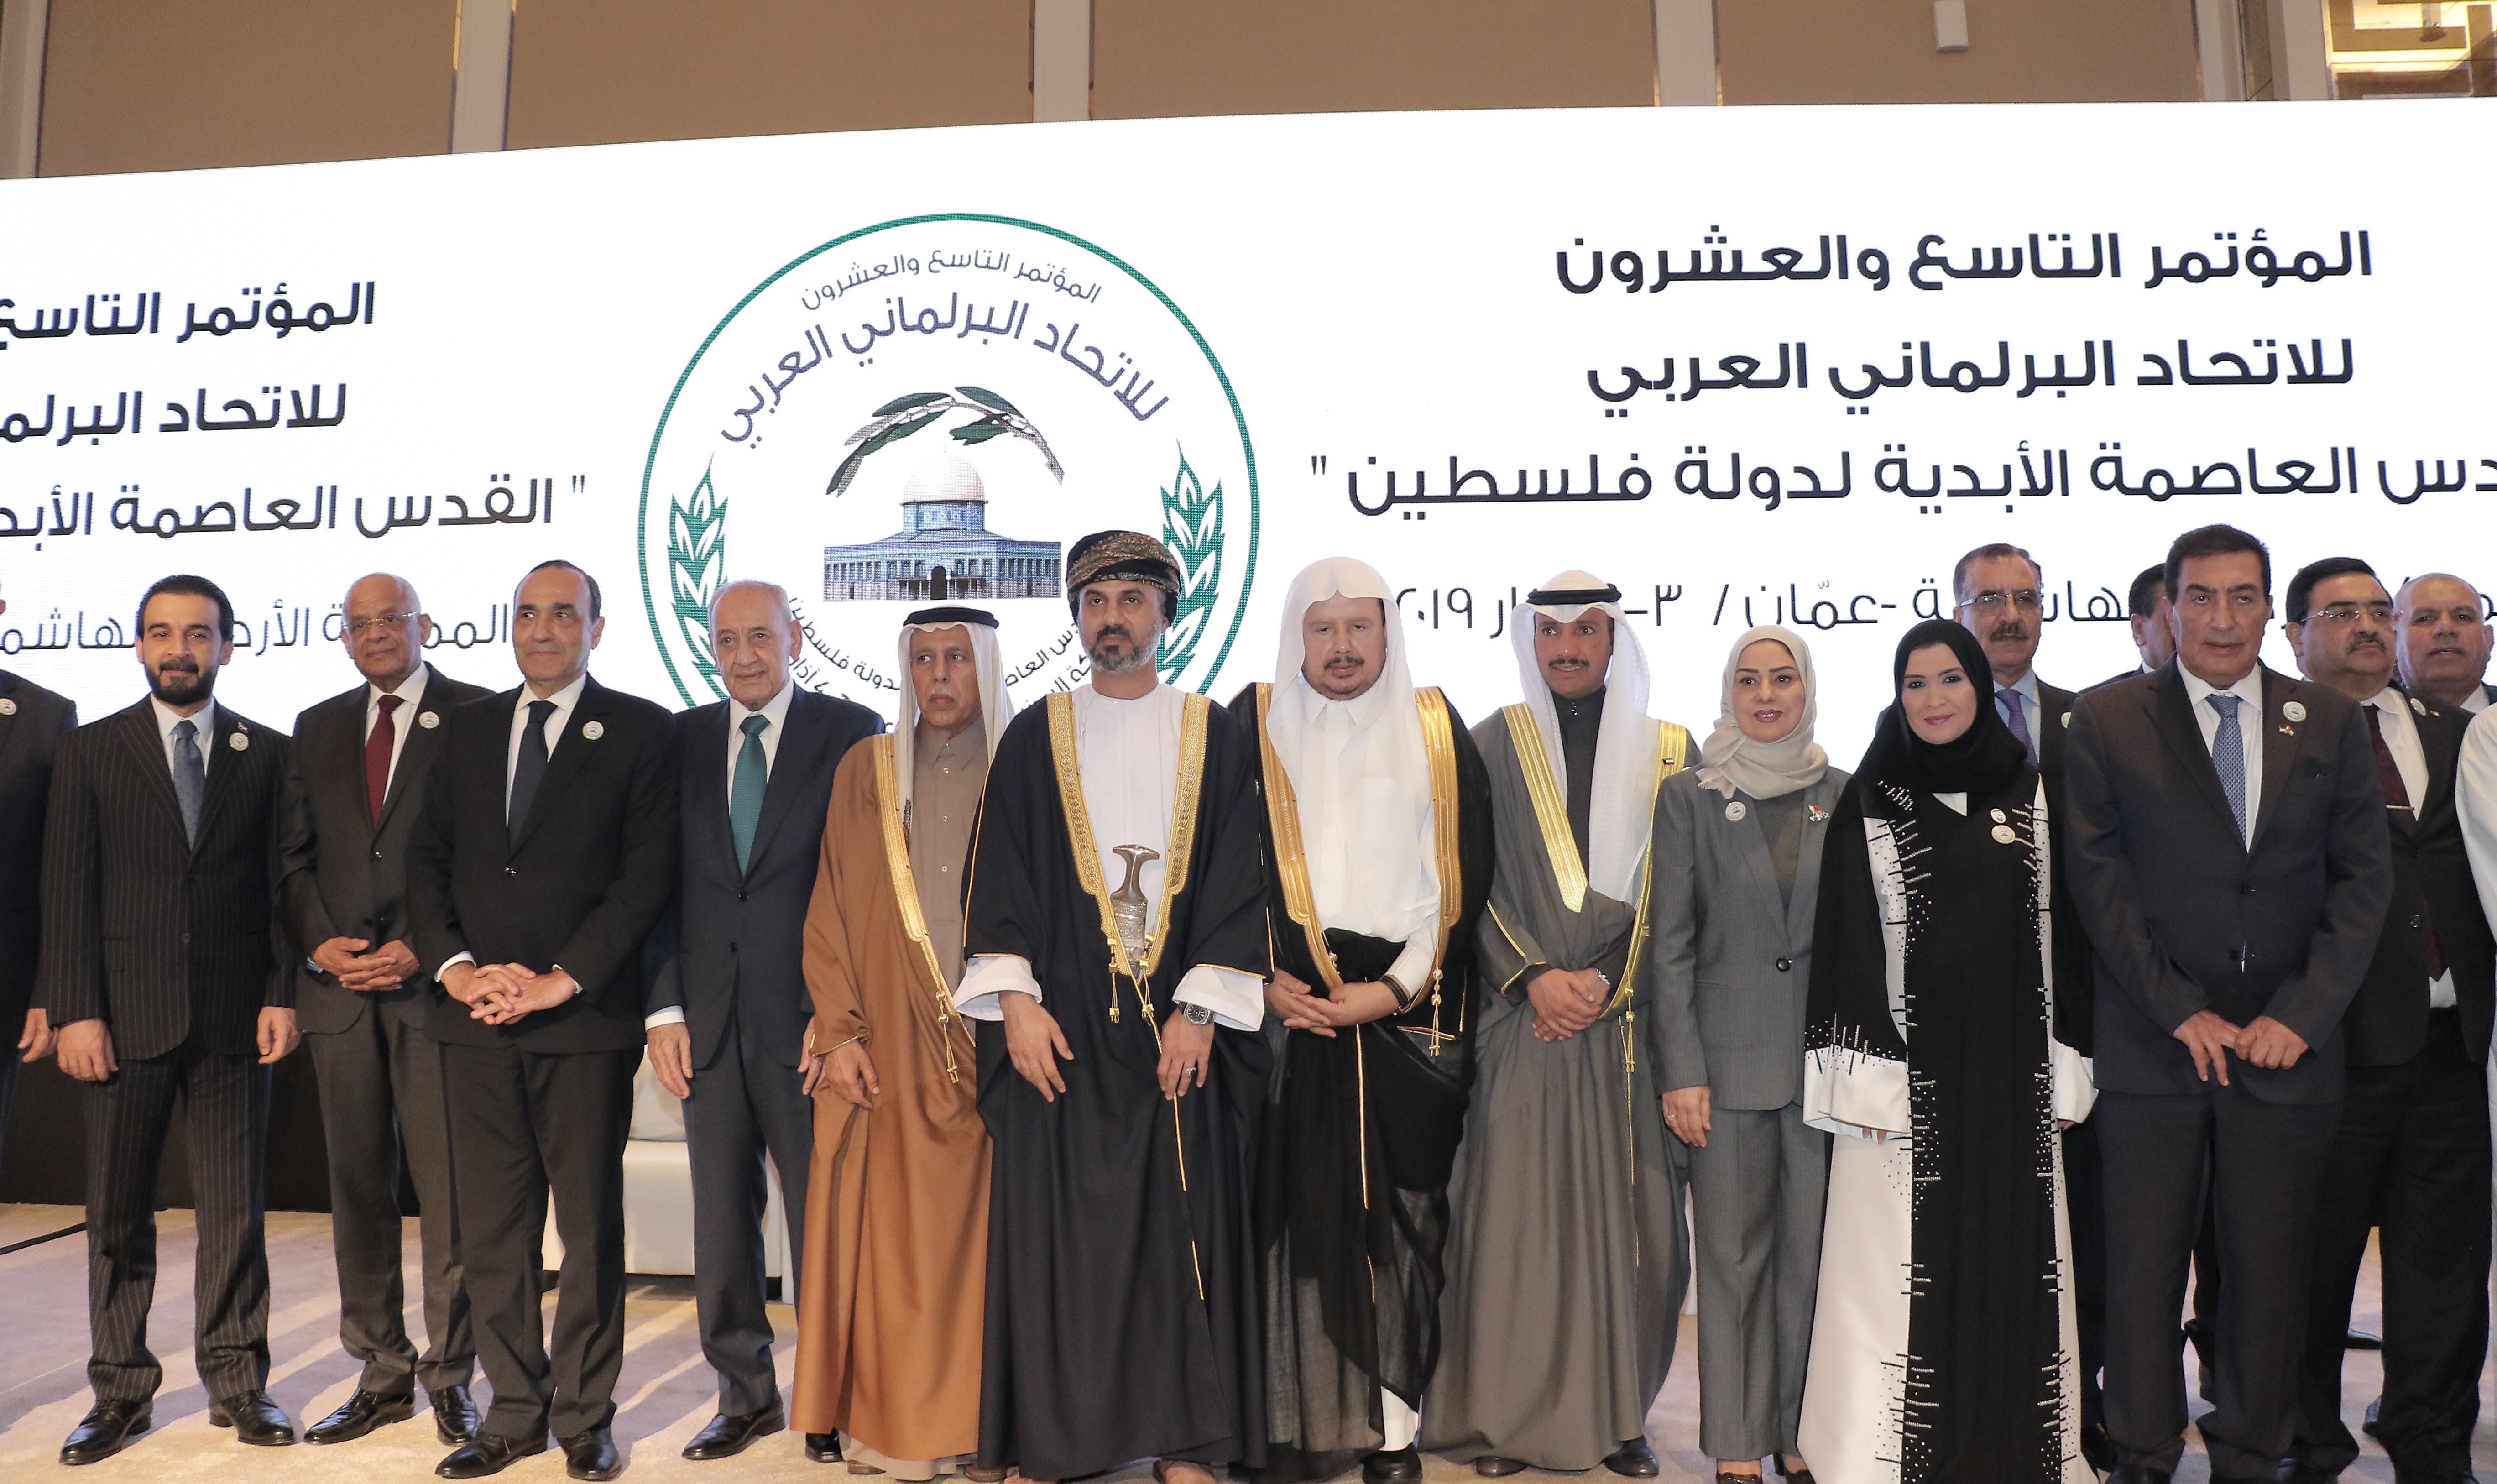 """رئيس """"الشورى"""": السلطنة تدعم كل جهد عربي لعودة أمتنا إلى سابق عهدها"""